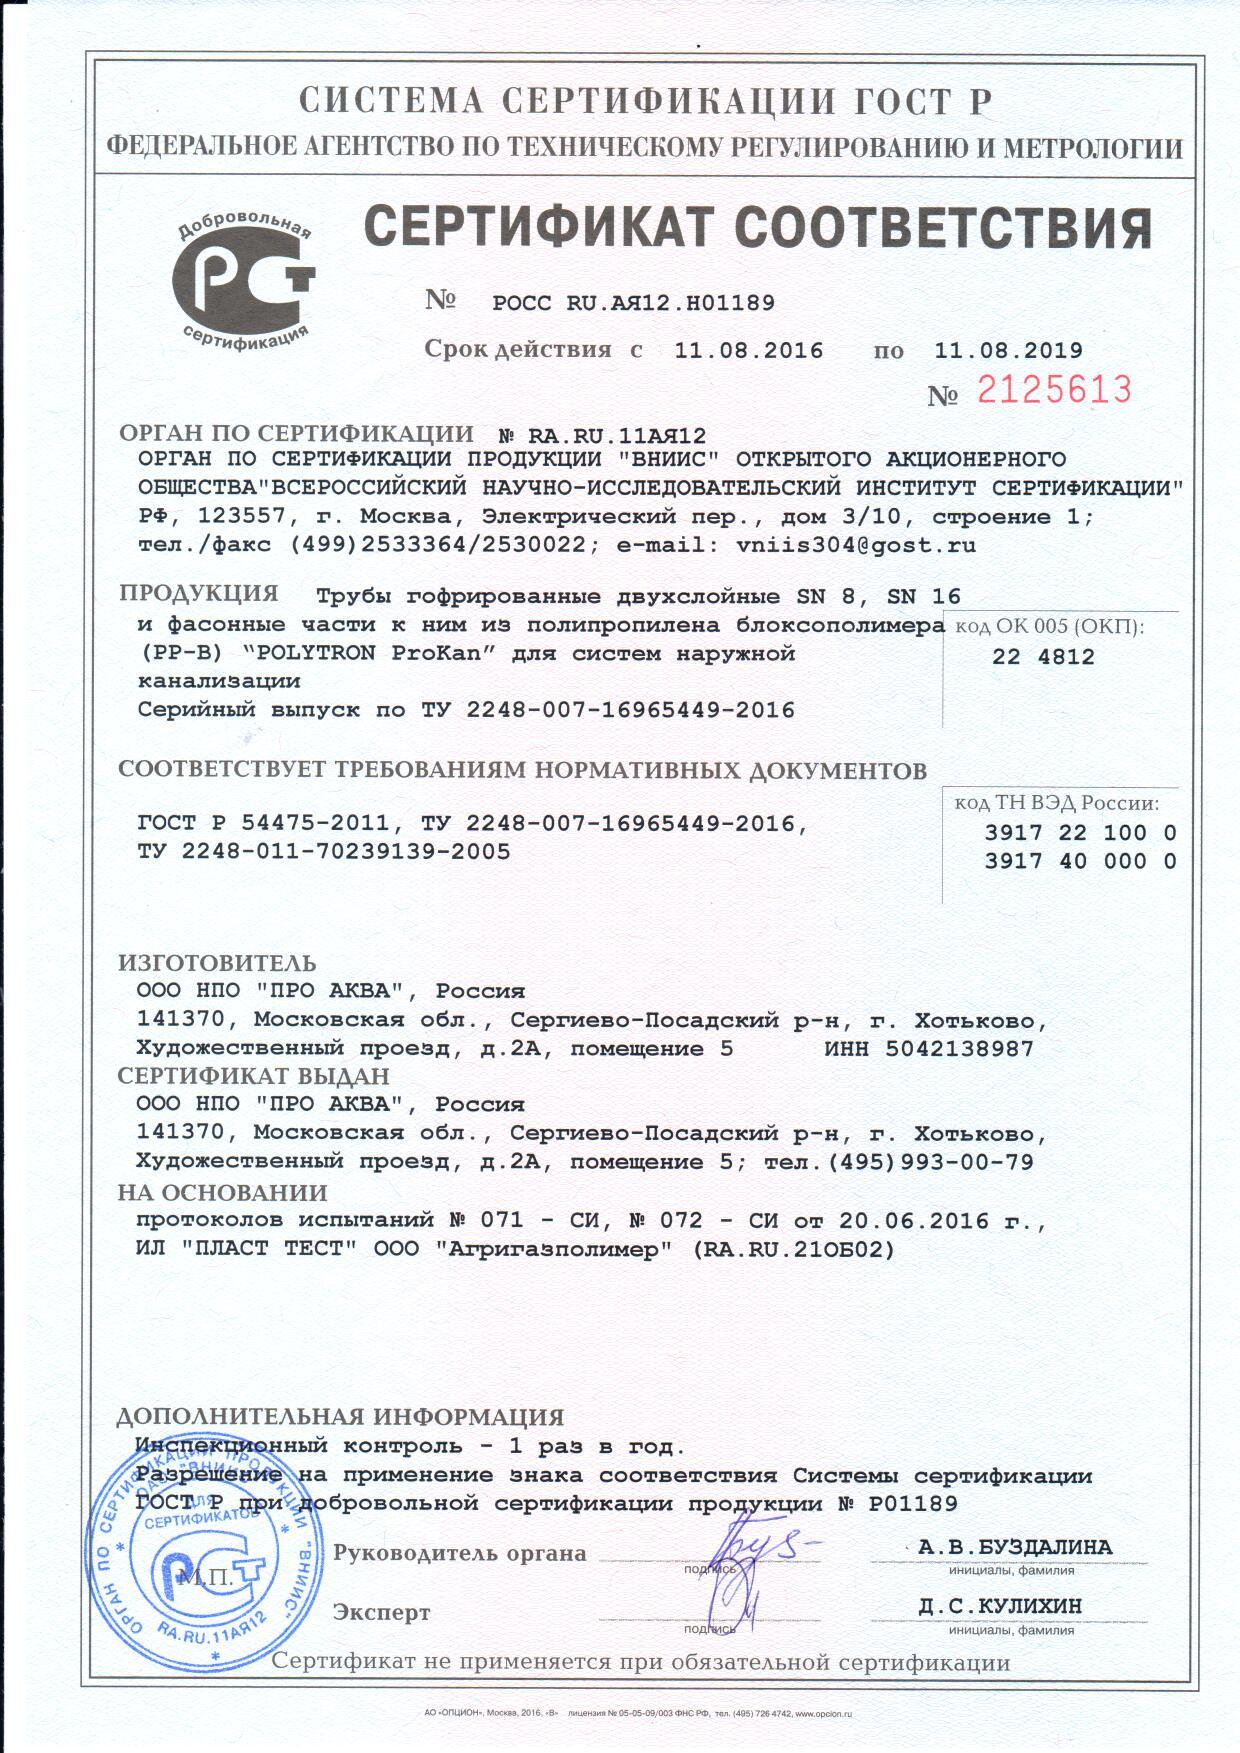 Сертификация труб полиэтиленовых сертификат соответствия на трубы полиэтиленовые сертификация на клавиатуру для ноутбука